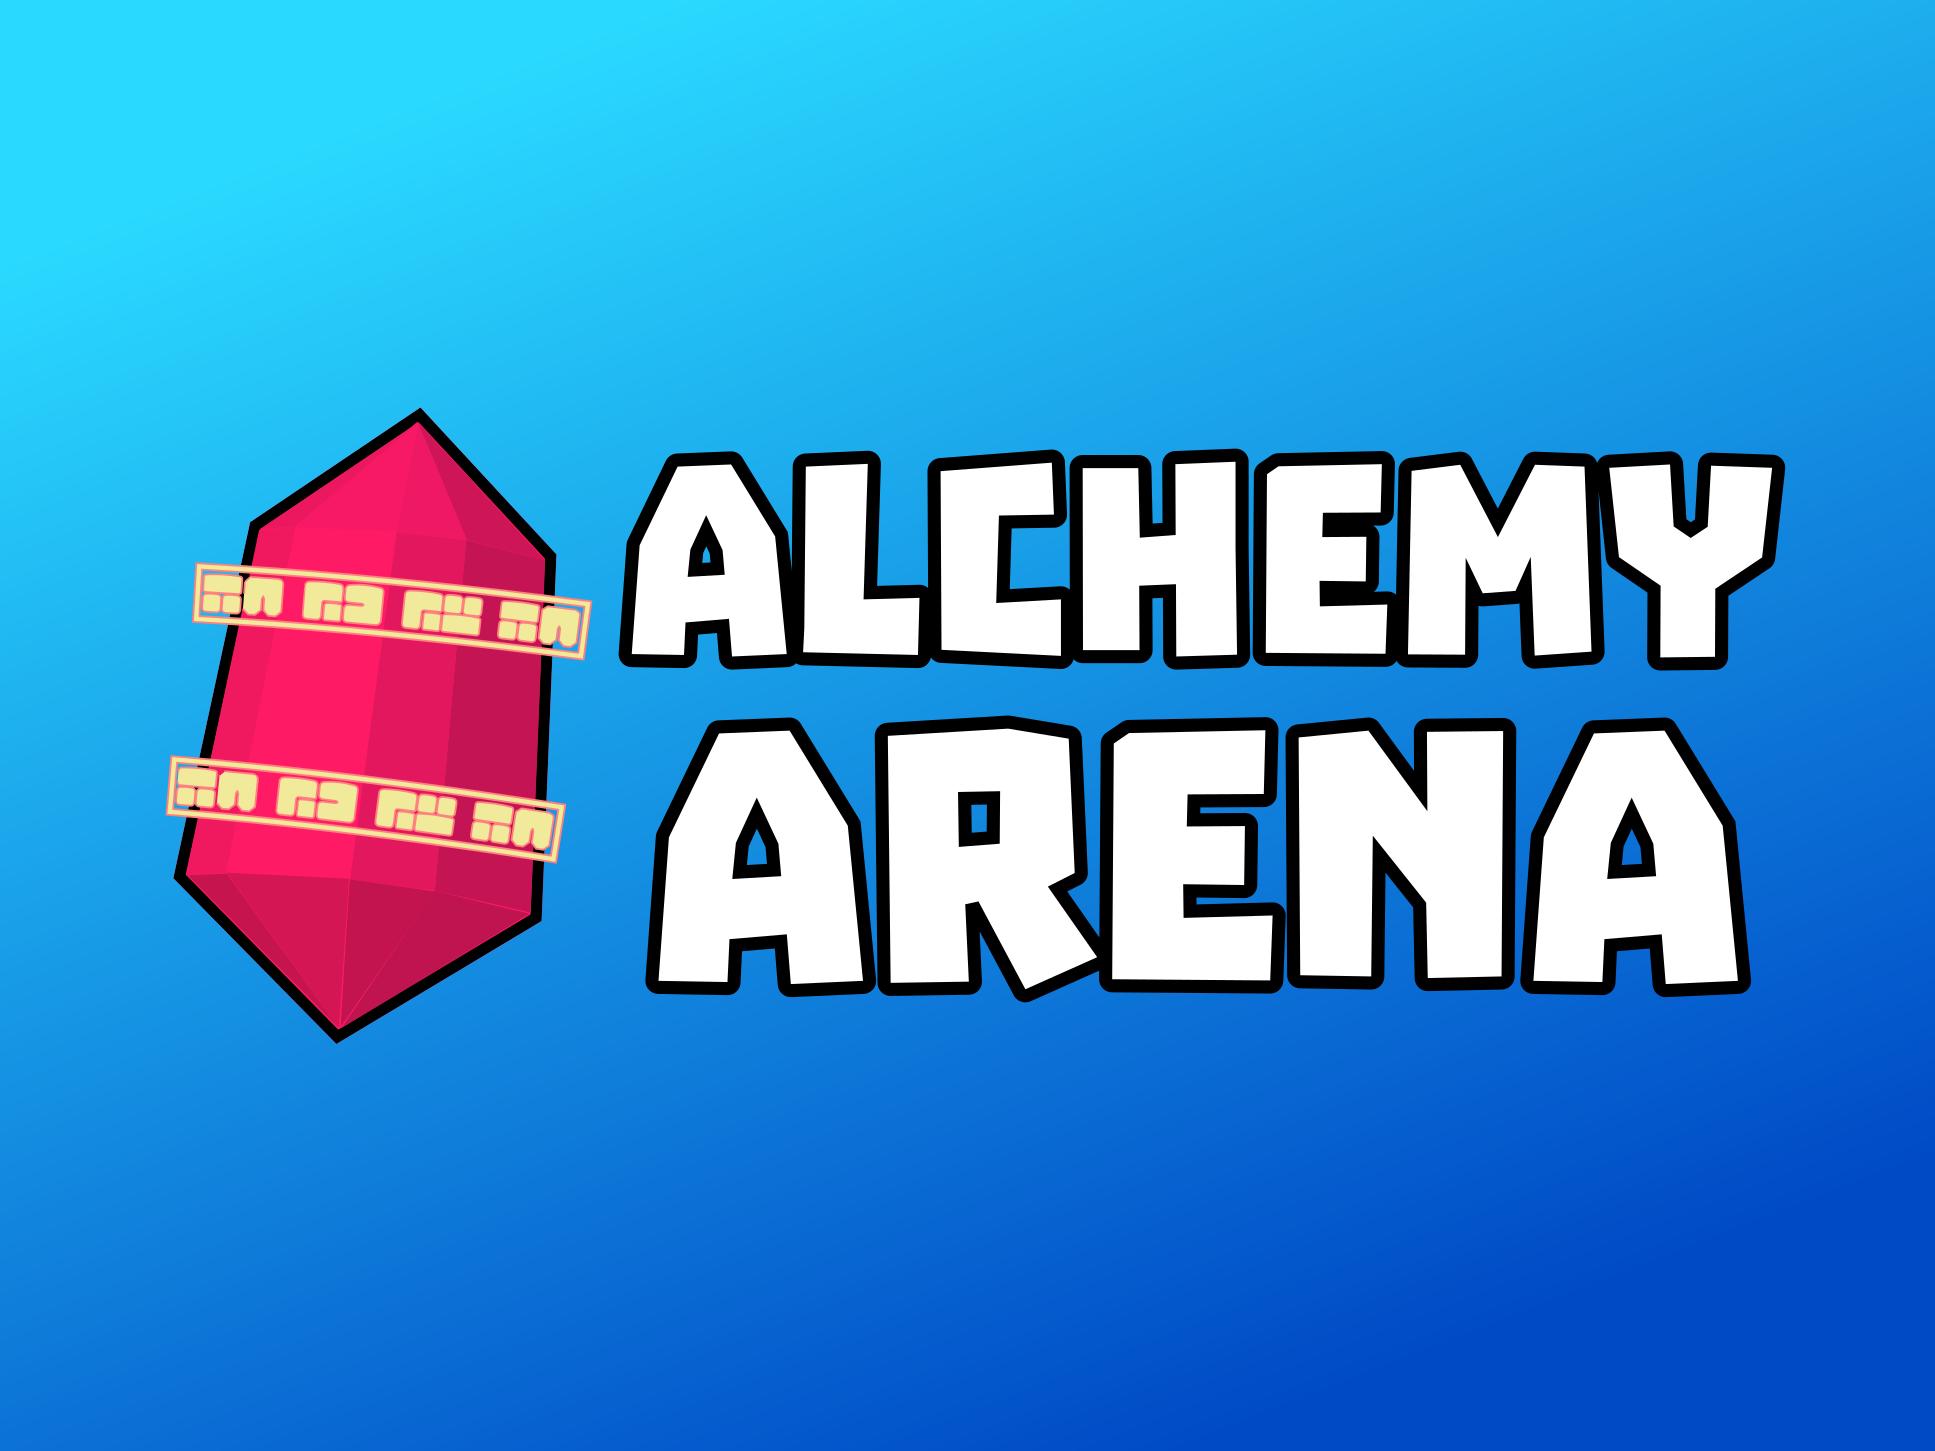 ALCHEMY ARENA